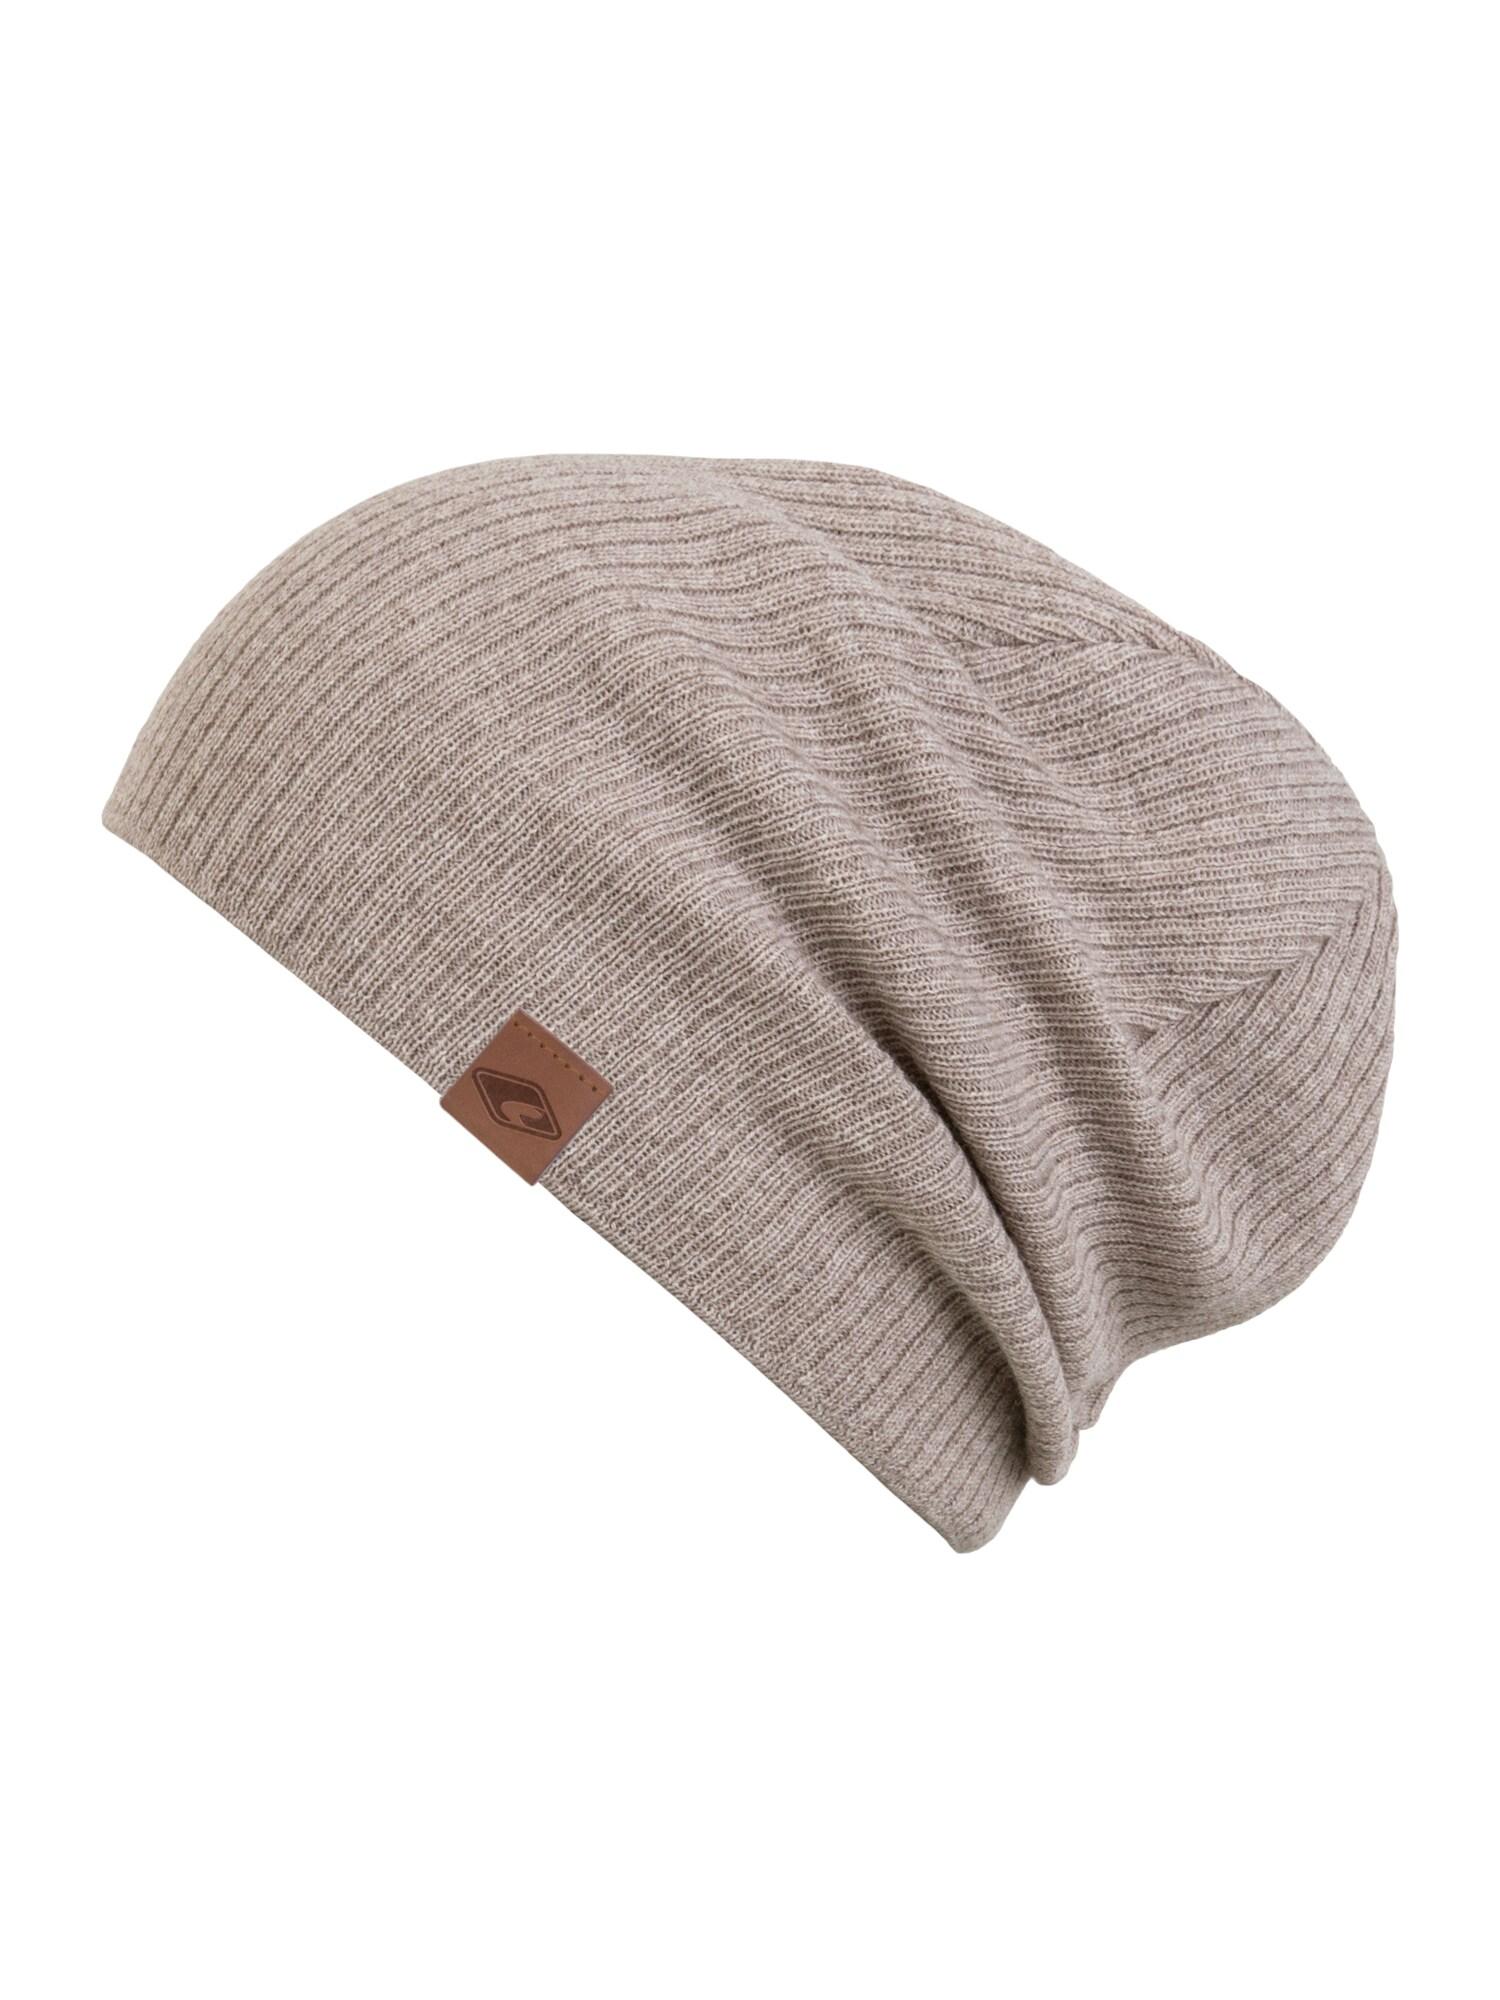 chillouts Megzta kepurė 'Dominik' smėlio